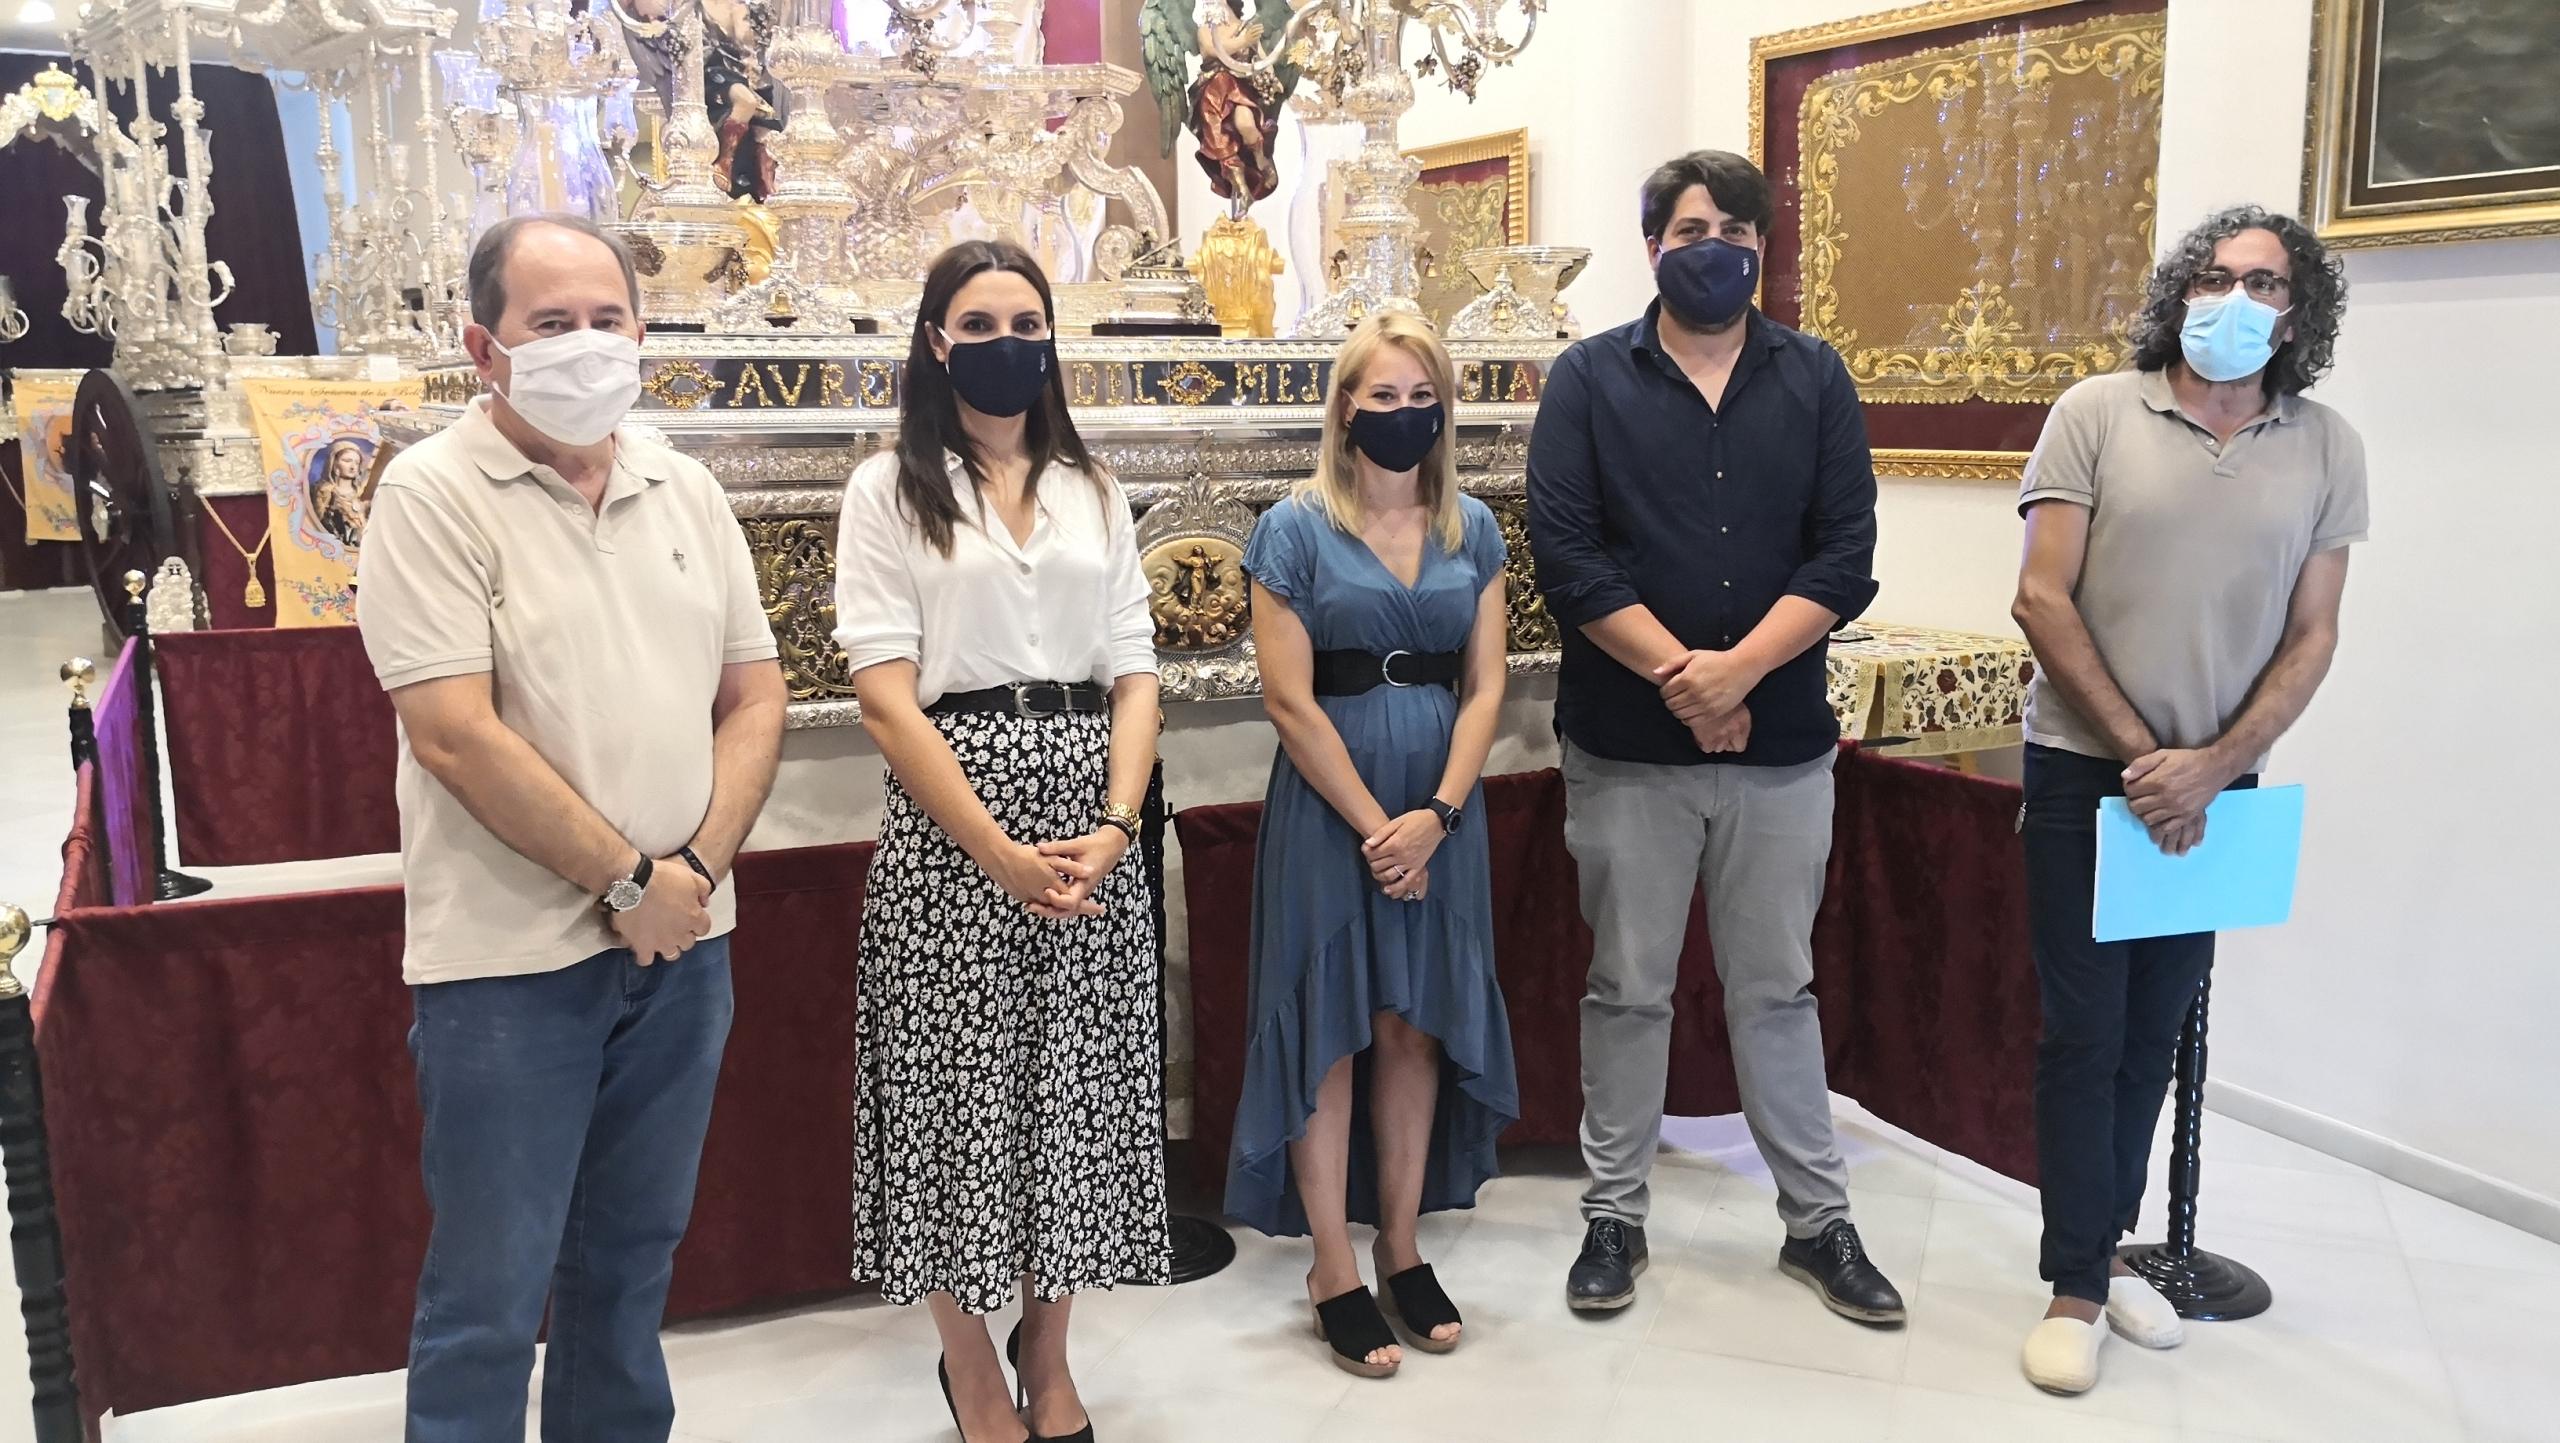 El Ayuntamiento de Lepe y las Hermandades de La Bella y San Roque anuncian la cancelación de las Fiestas Patronales de 2020